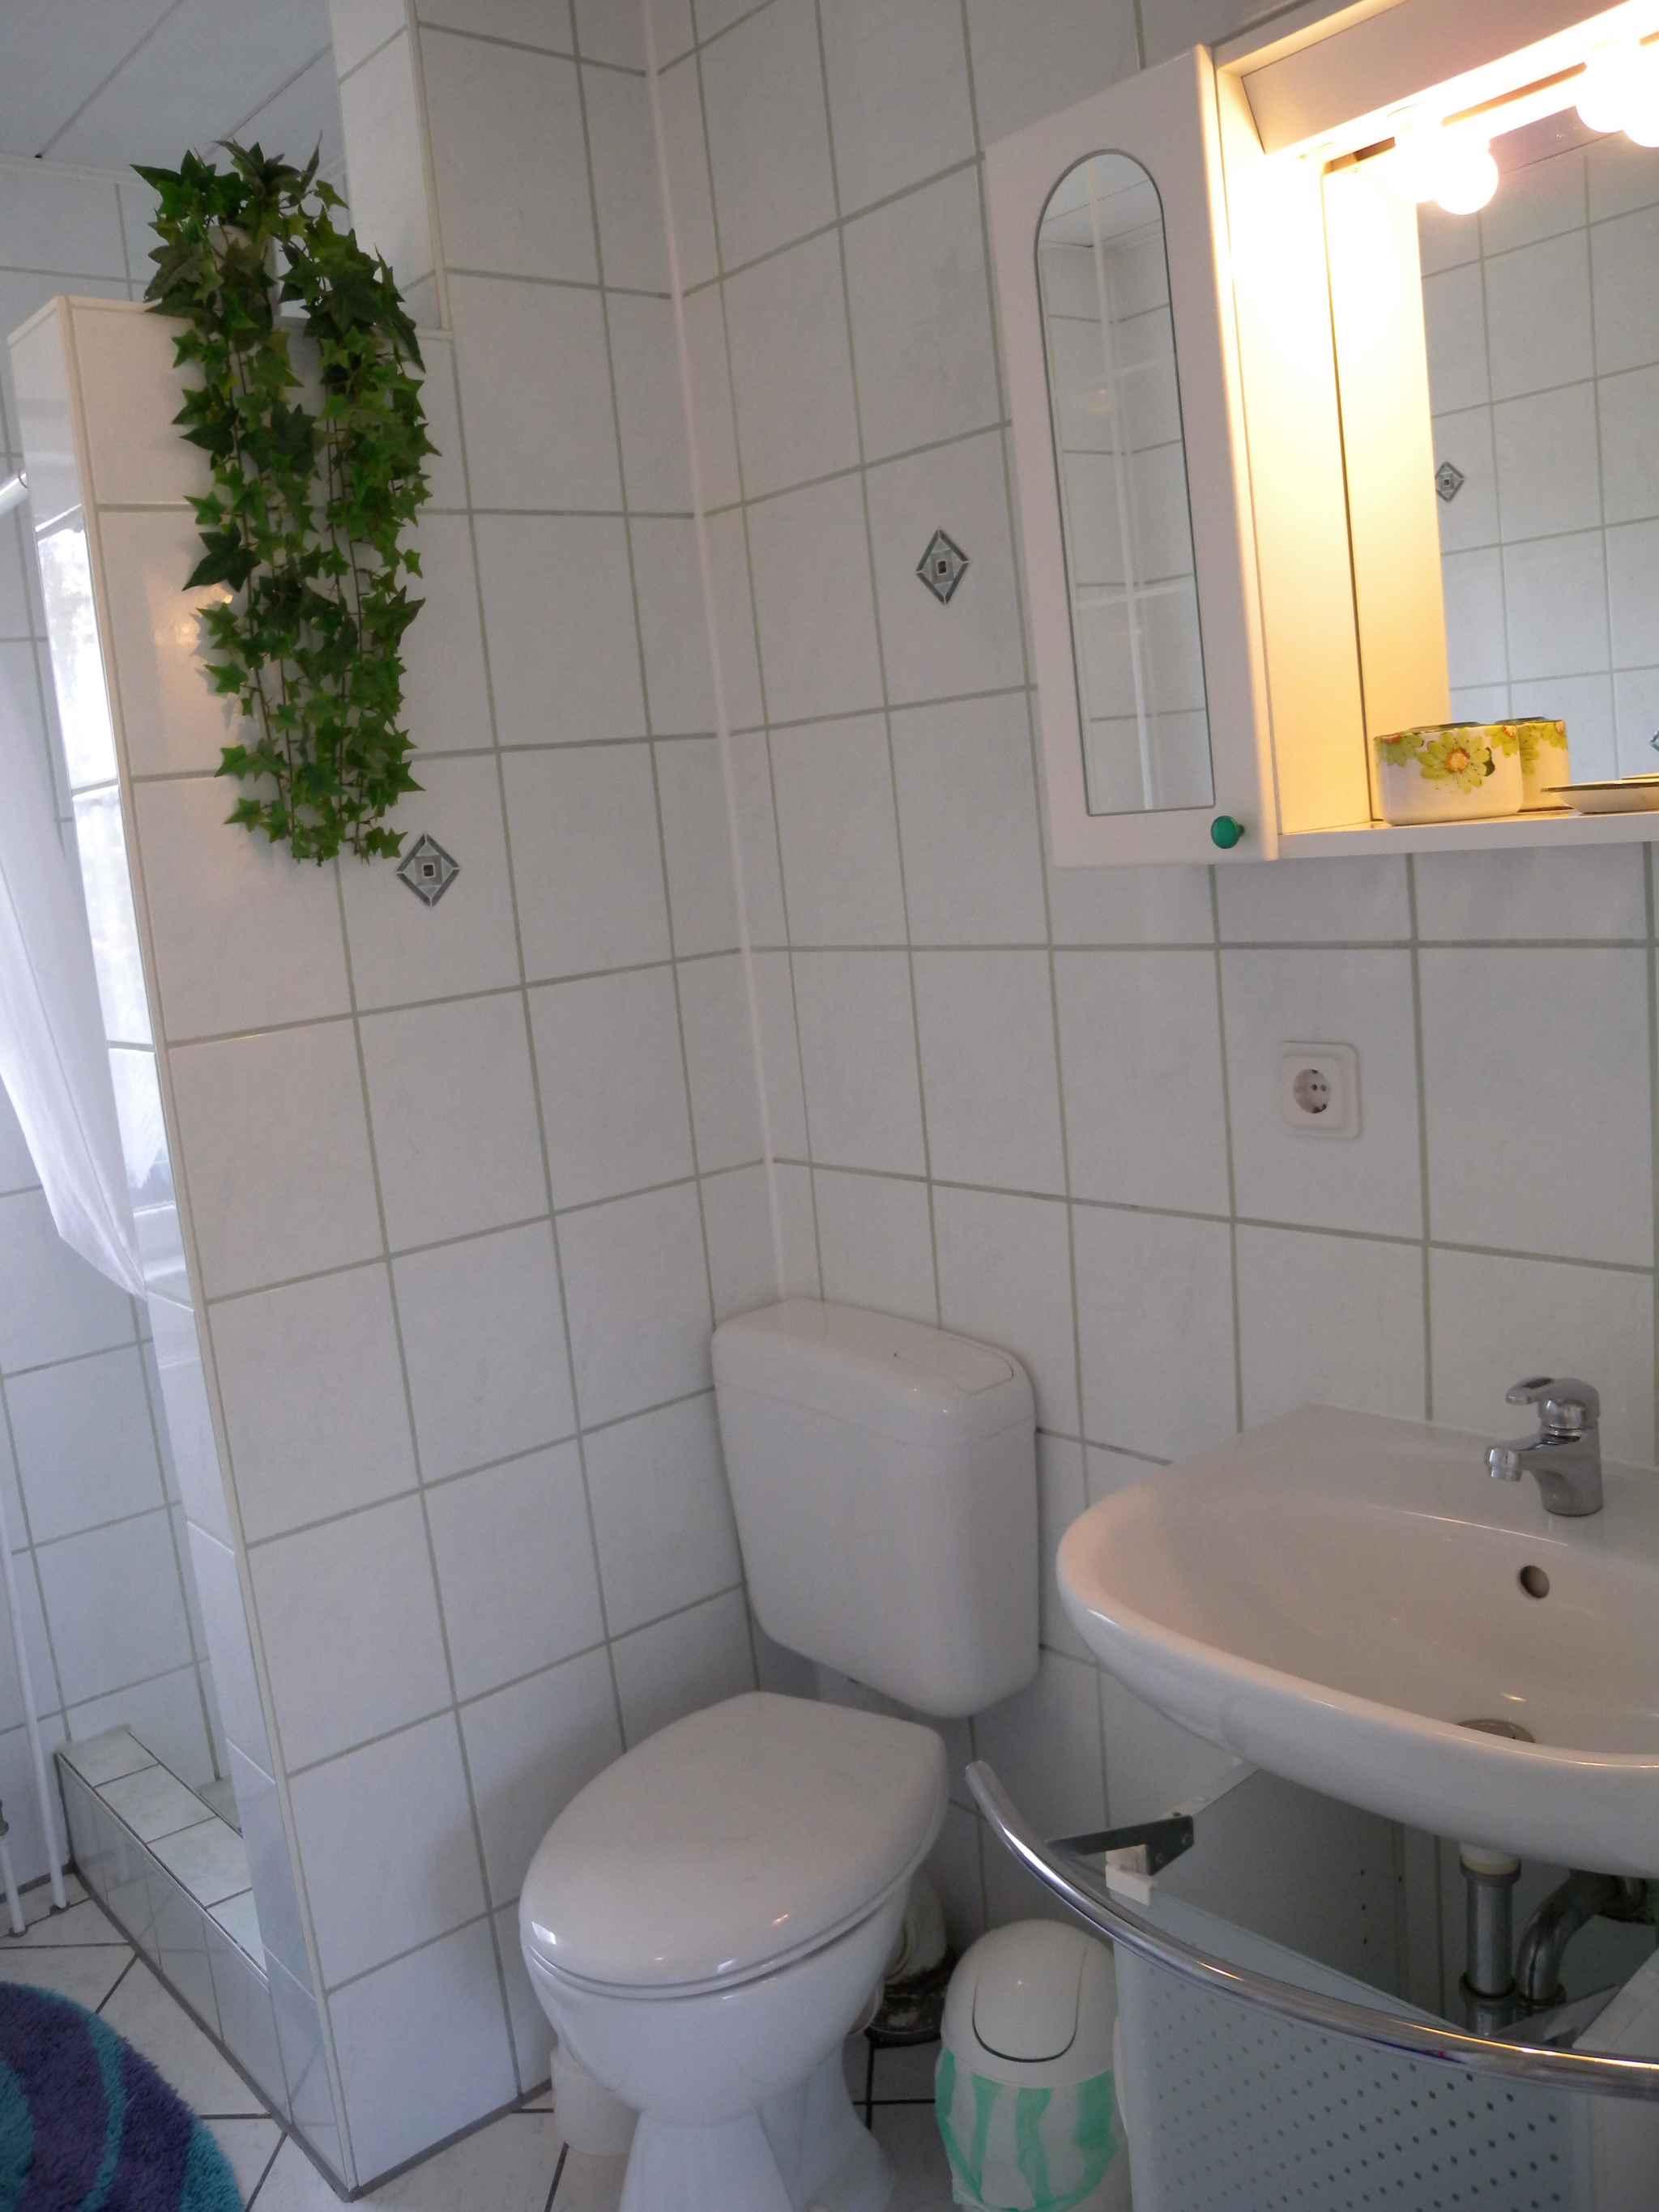 Ferienhaus mit Terrasse und Gartengrundstück (345205), Klein Kedingshagen, Stralsund, Mecklenburg-Vorpommern, Deutschland, Bild 6